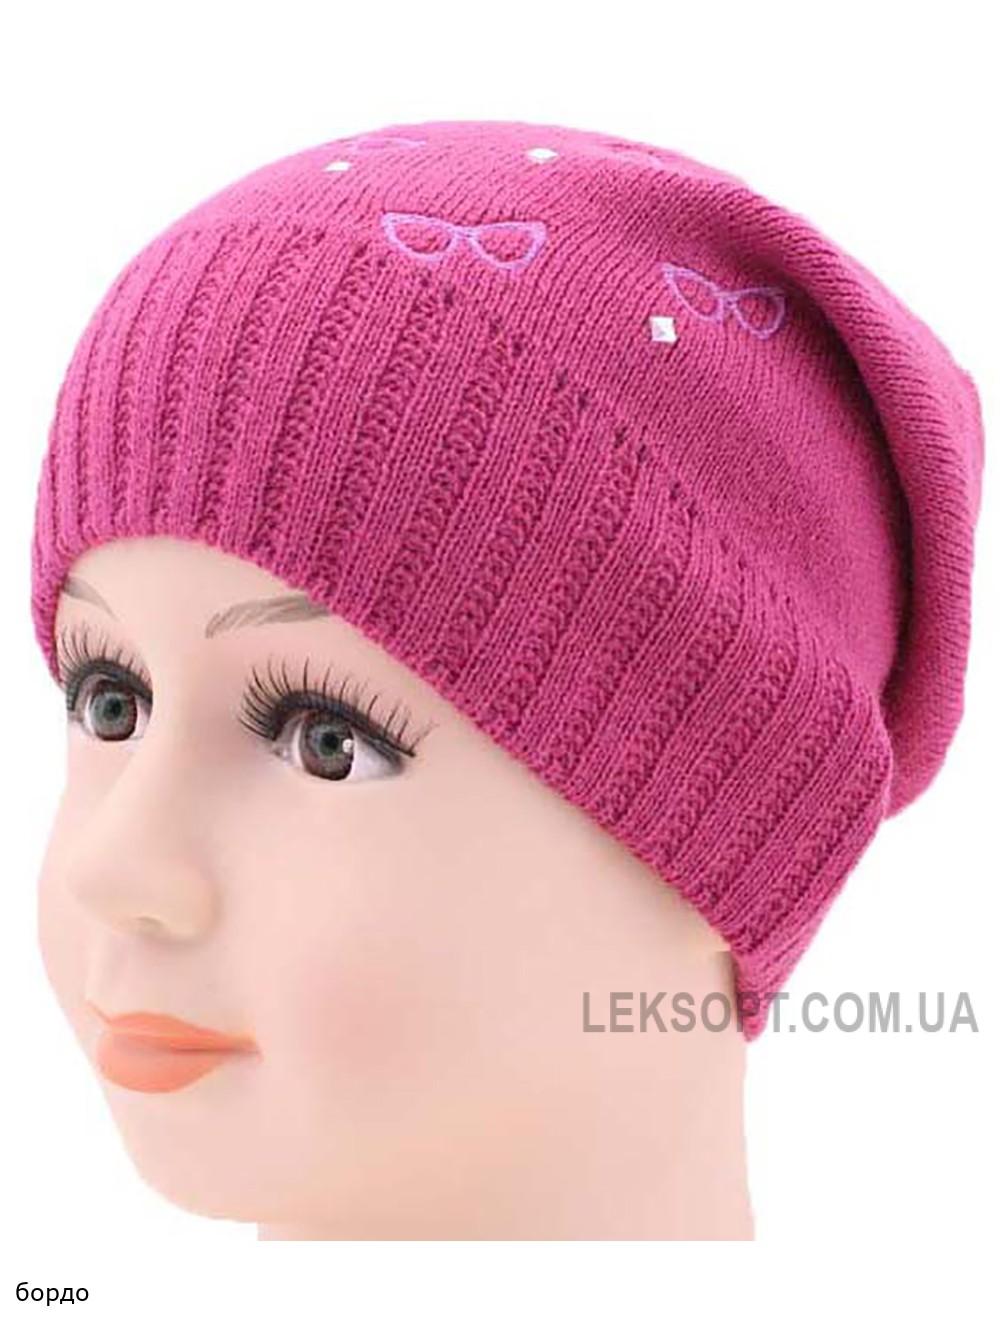 Детская вязаная шапка 128721-50-52